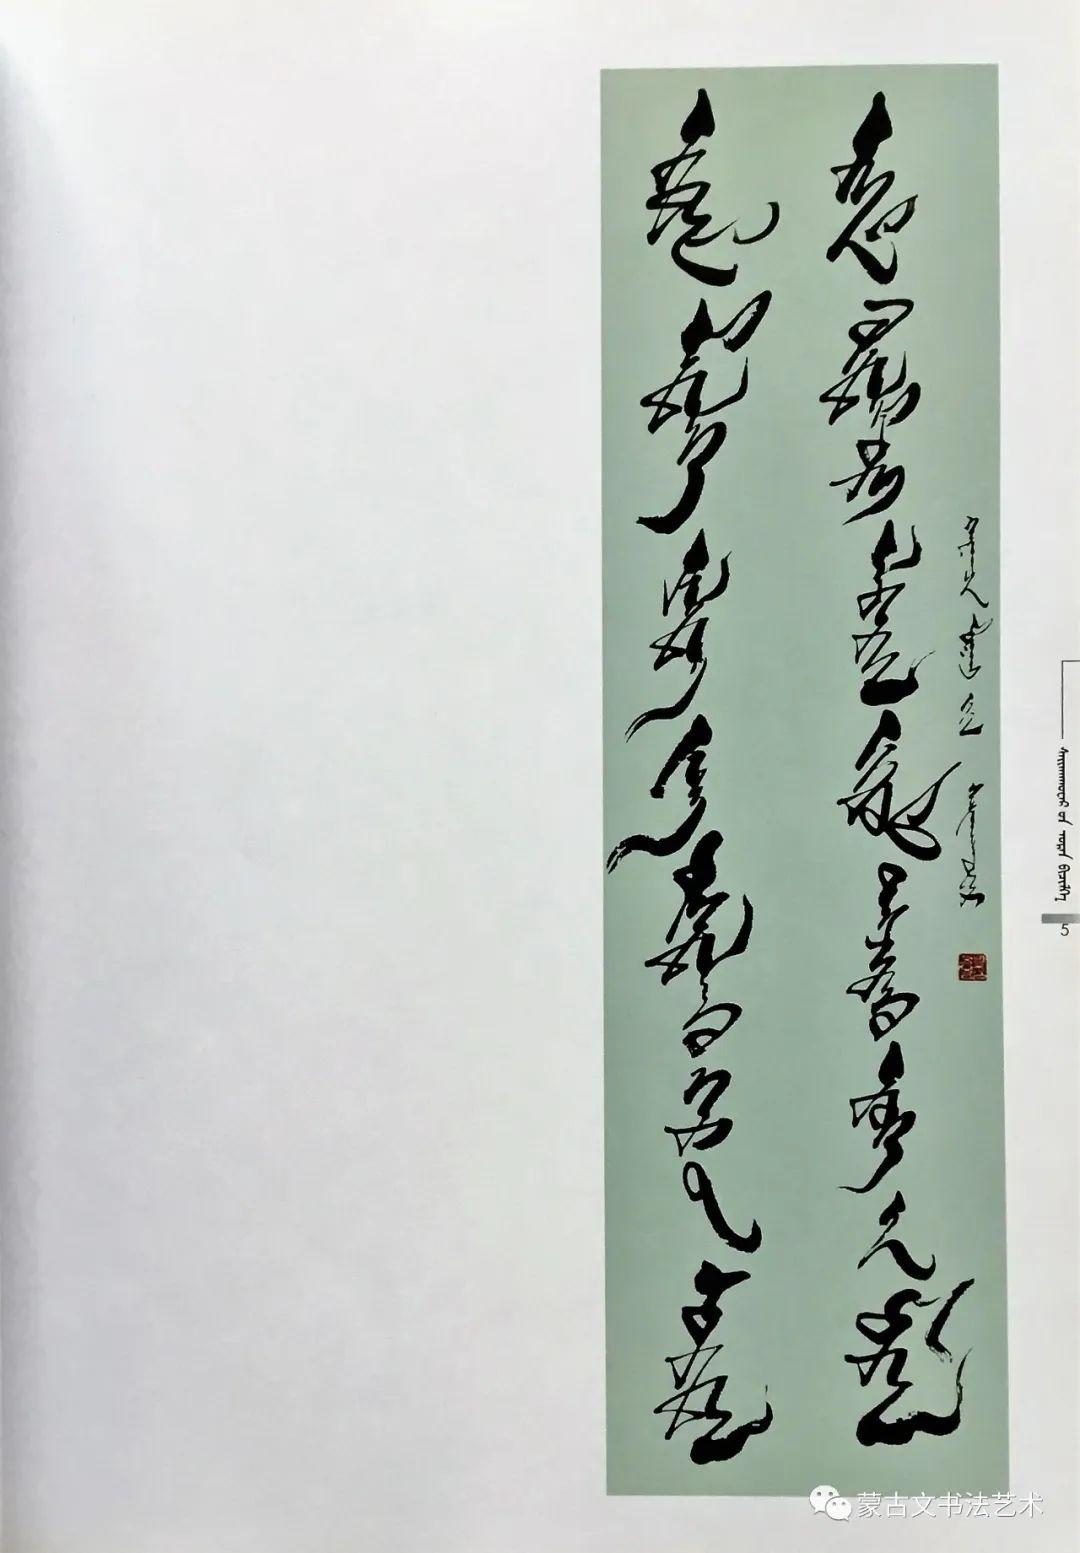 包赛音花《传奇奈曼-包赛音花蒙古文书法》 第8张 包赛音花《传奇奈曼-包赛音花蒙古文书法》 蒙古书法